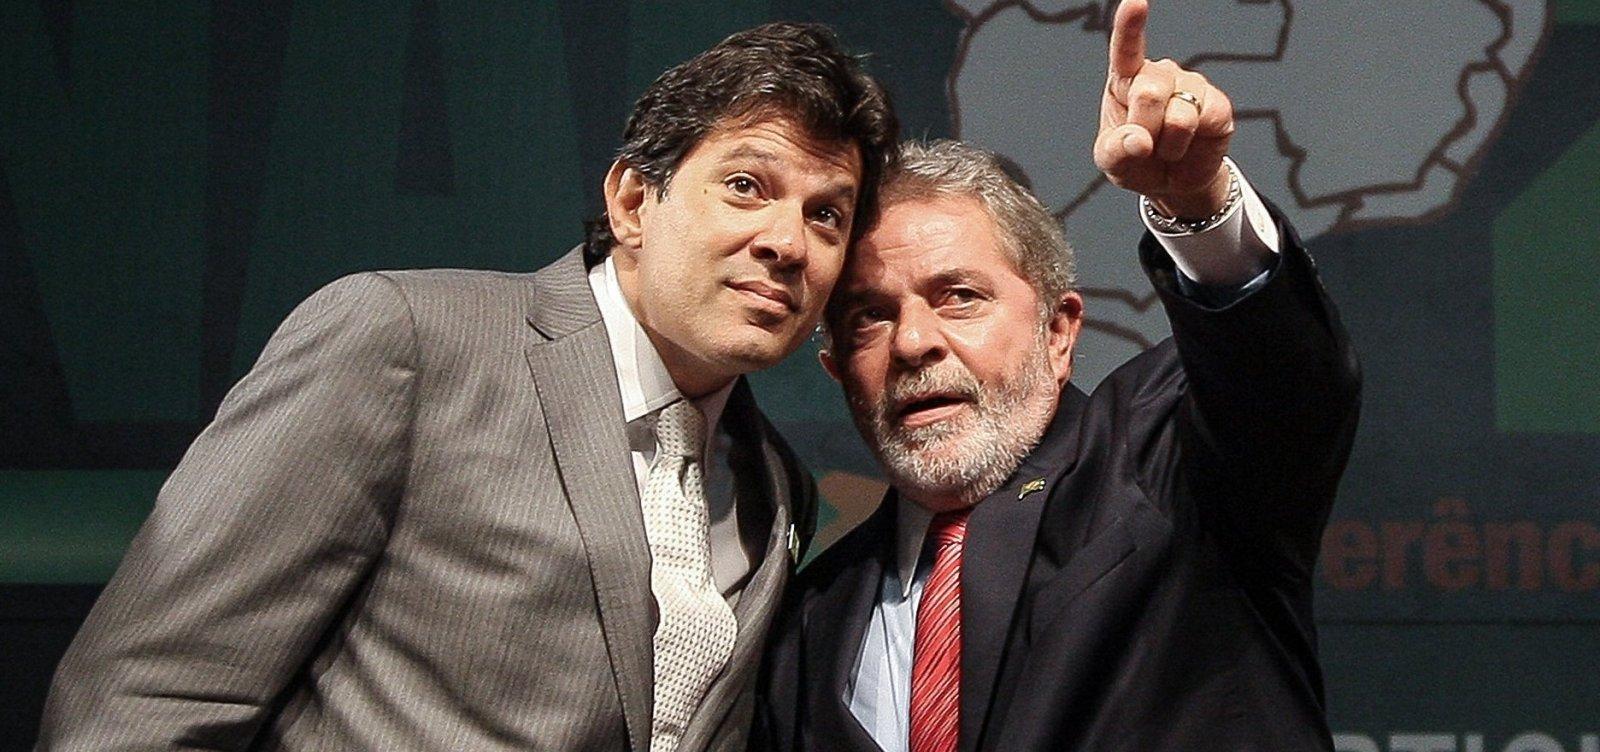 [Sobe número de eleitores que ligam Haddad e Lula]